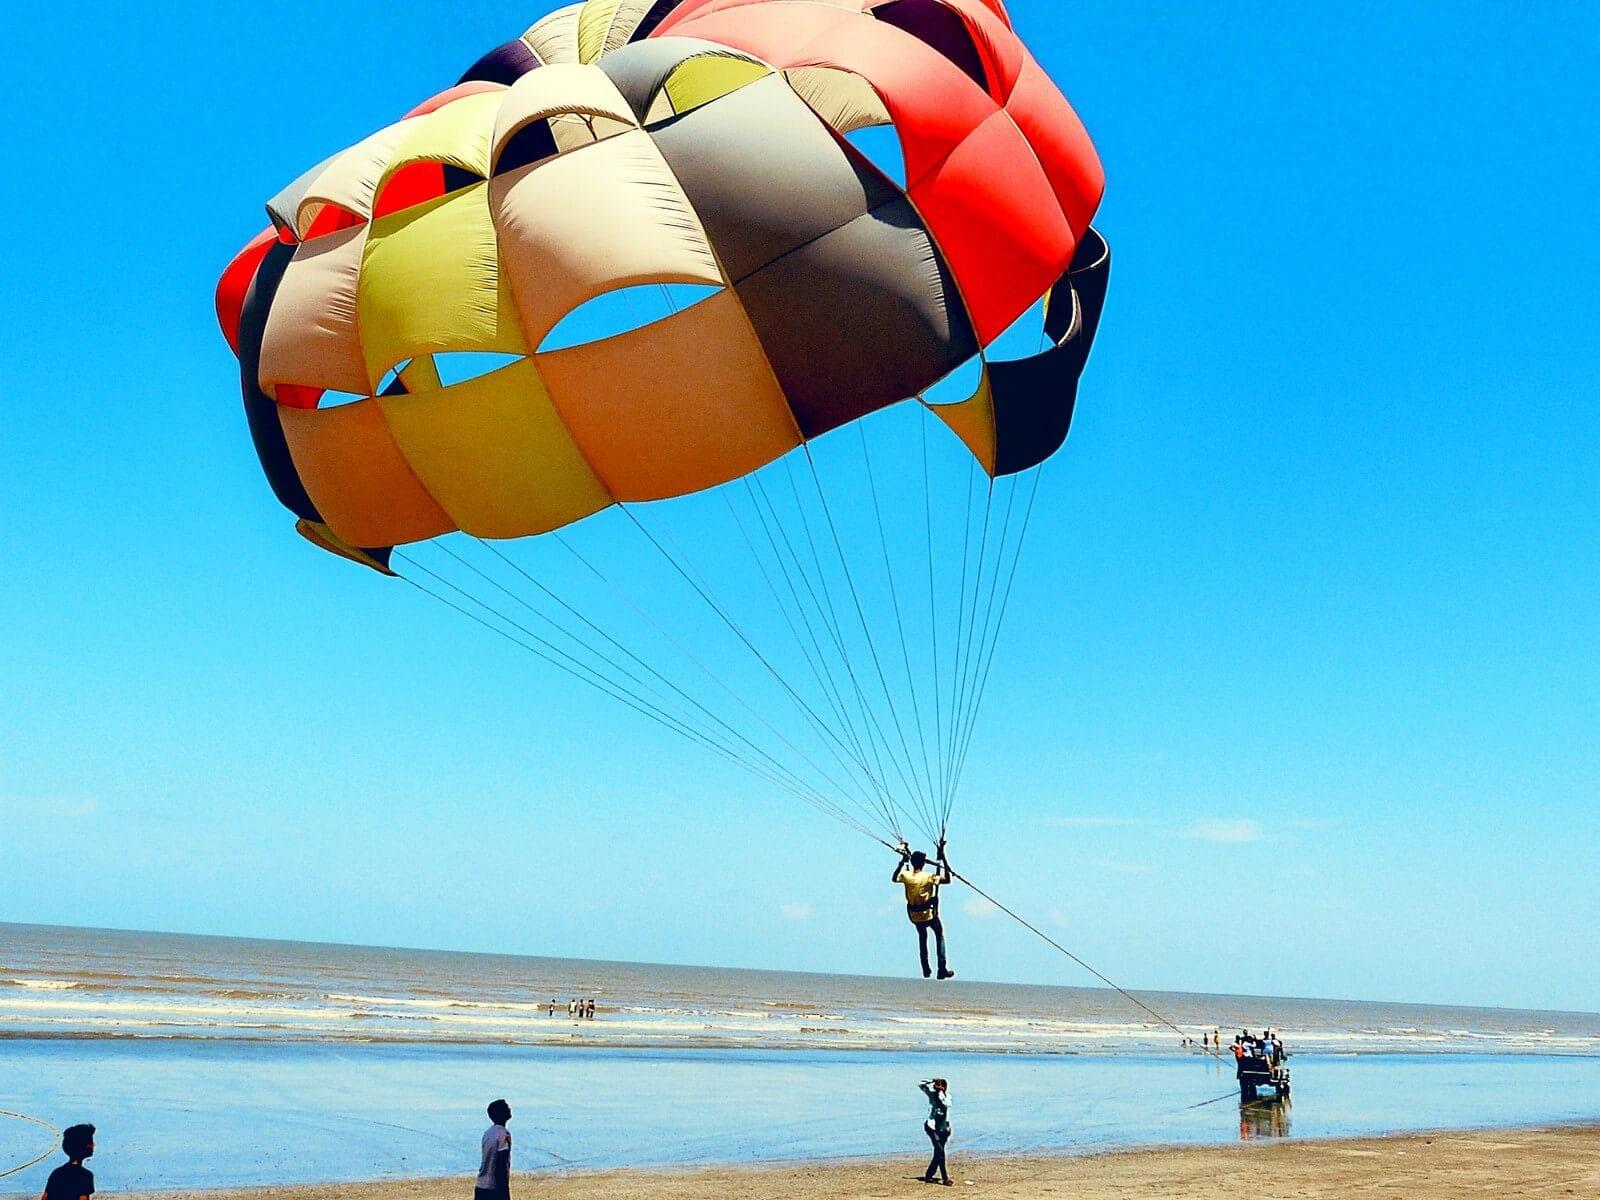 Parasailing (on land) at Devka beach, Daman